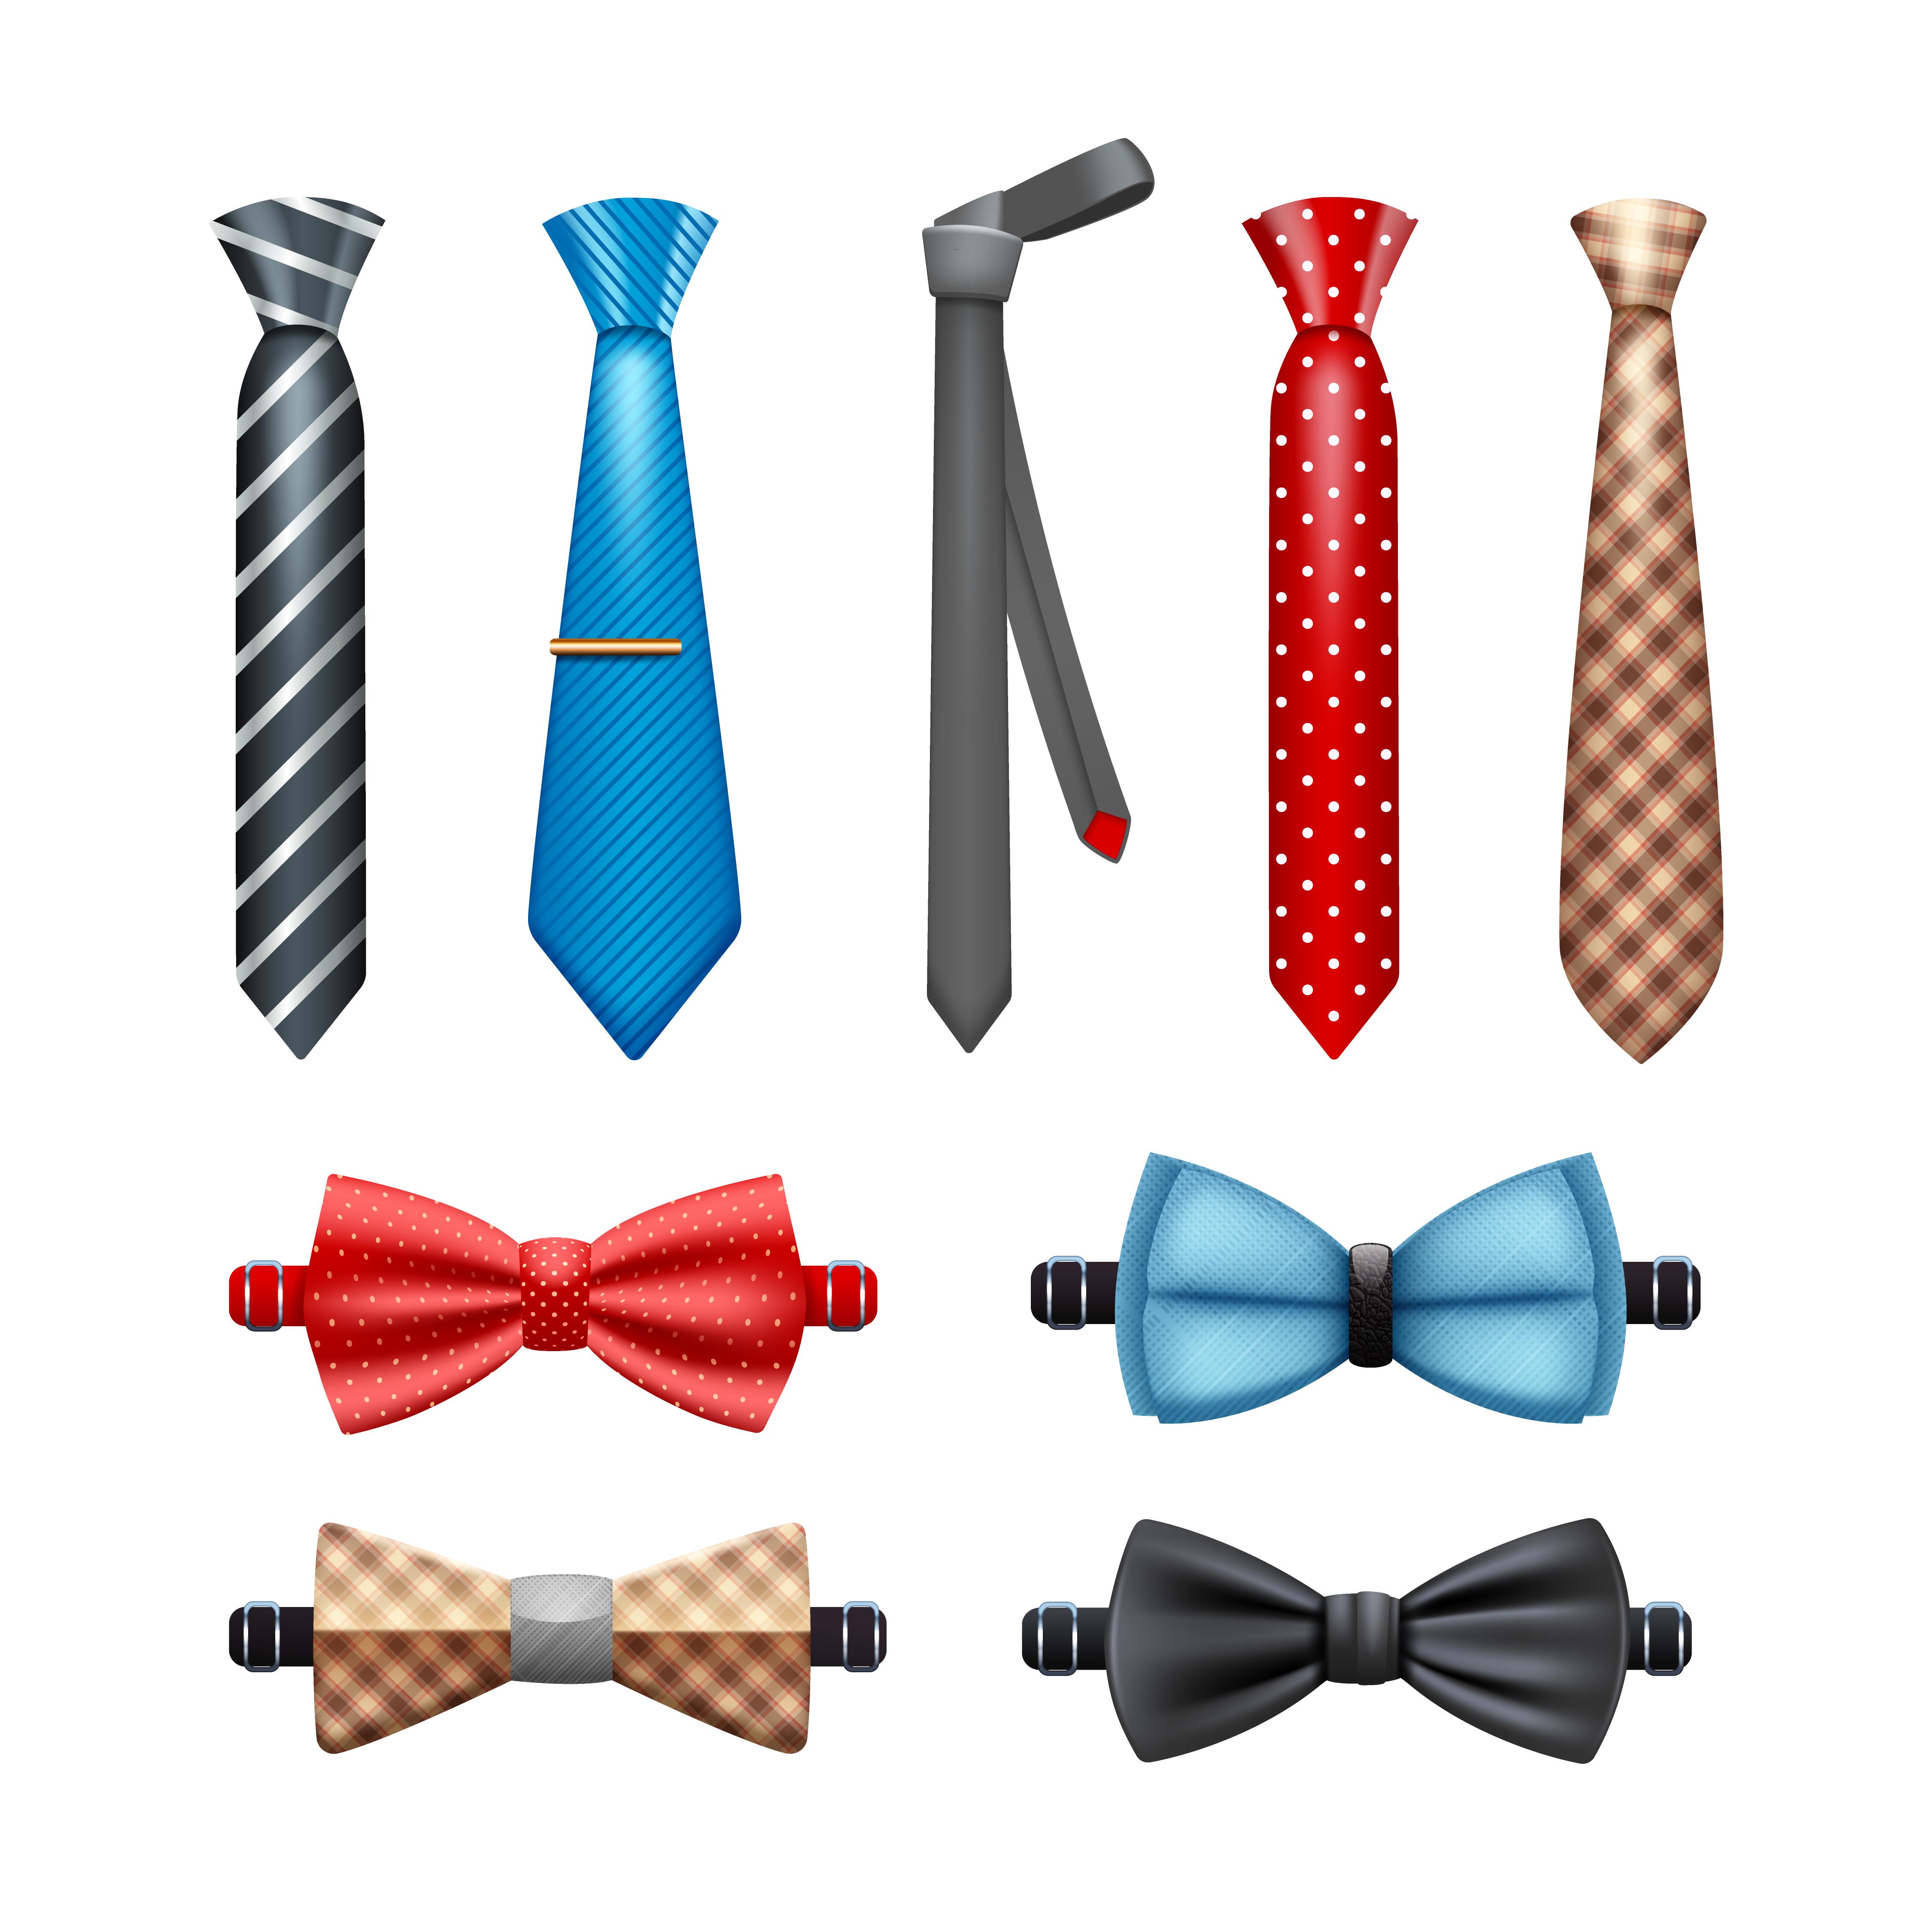 4936b369ac8d7 Ensemble cravate et noeud papillon - Téléchargez de l'art, des graphiques  et des images vectoriels gratuits